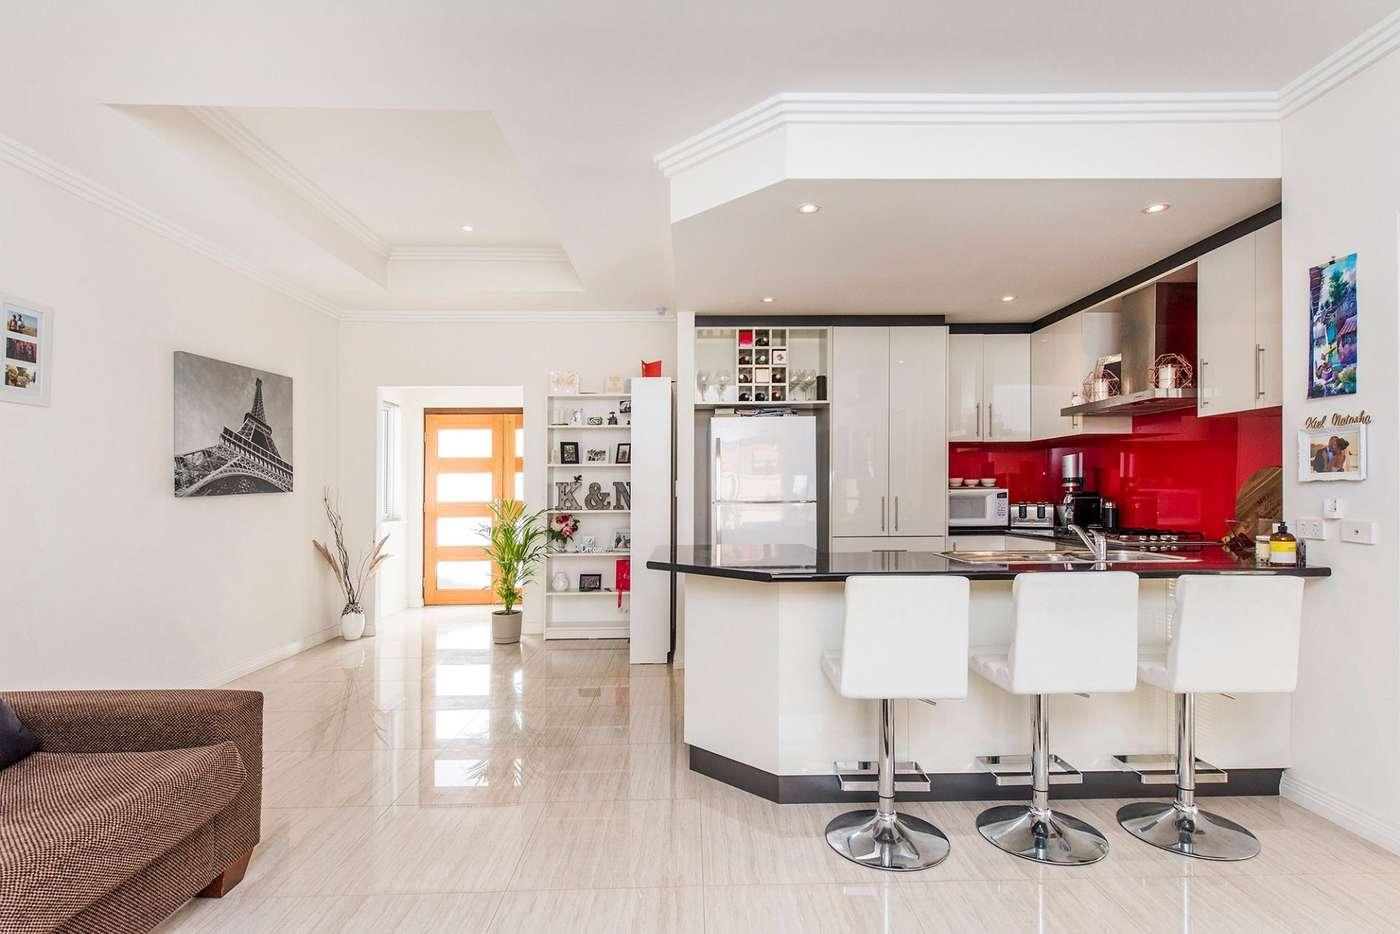 Main view of Homely villa listing, 20C Quadea Way, Nollamara, WA 6061